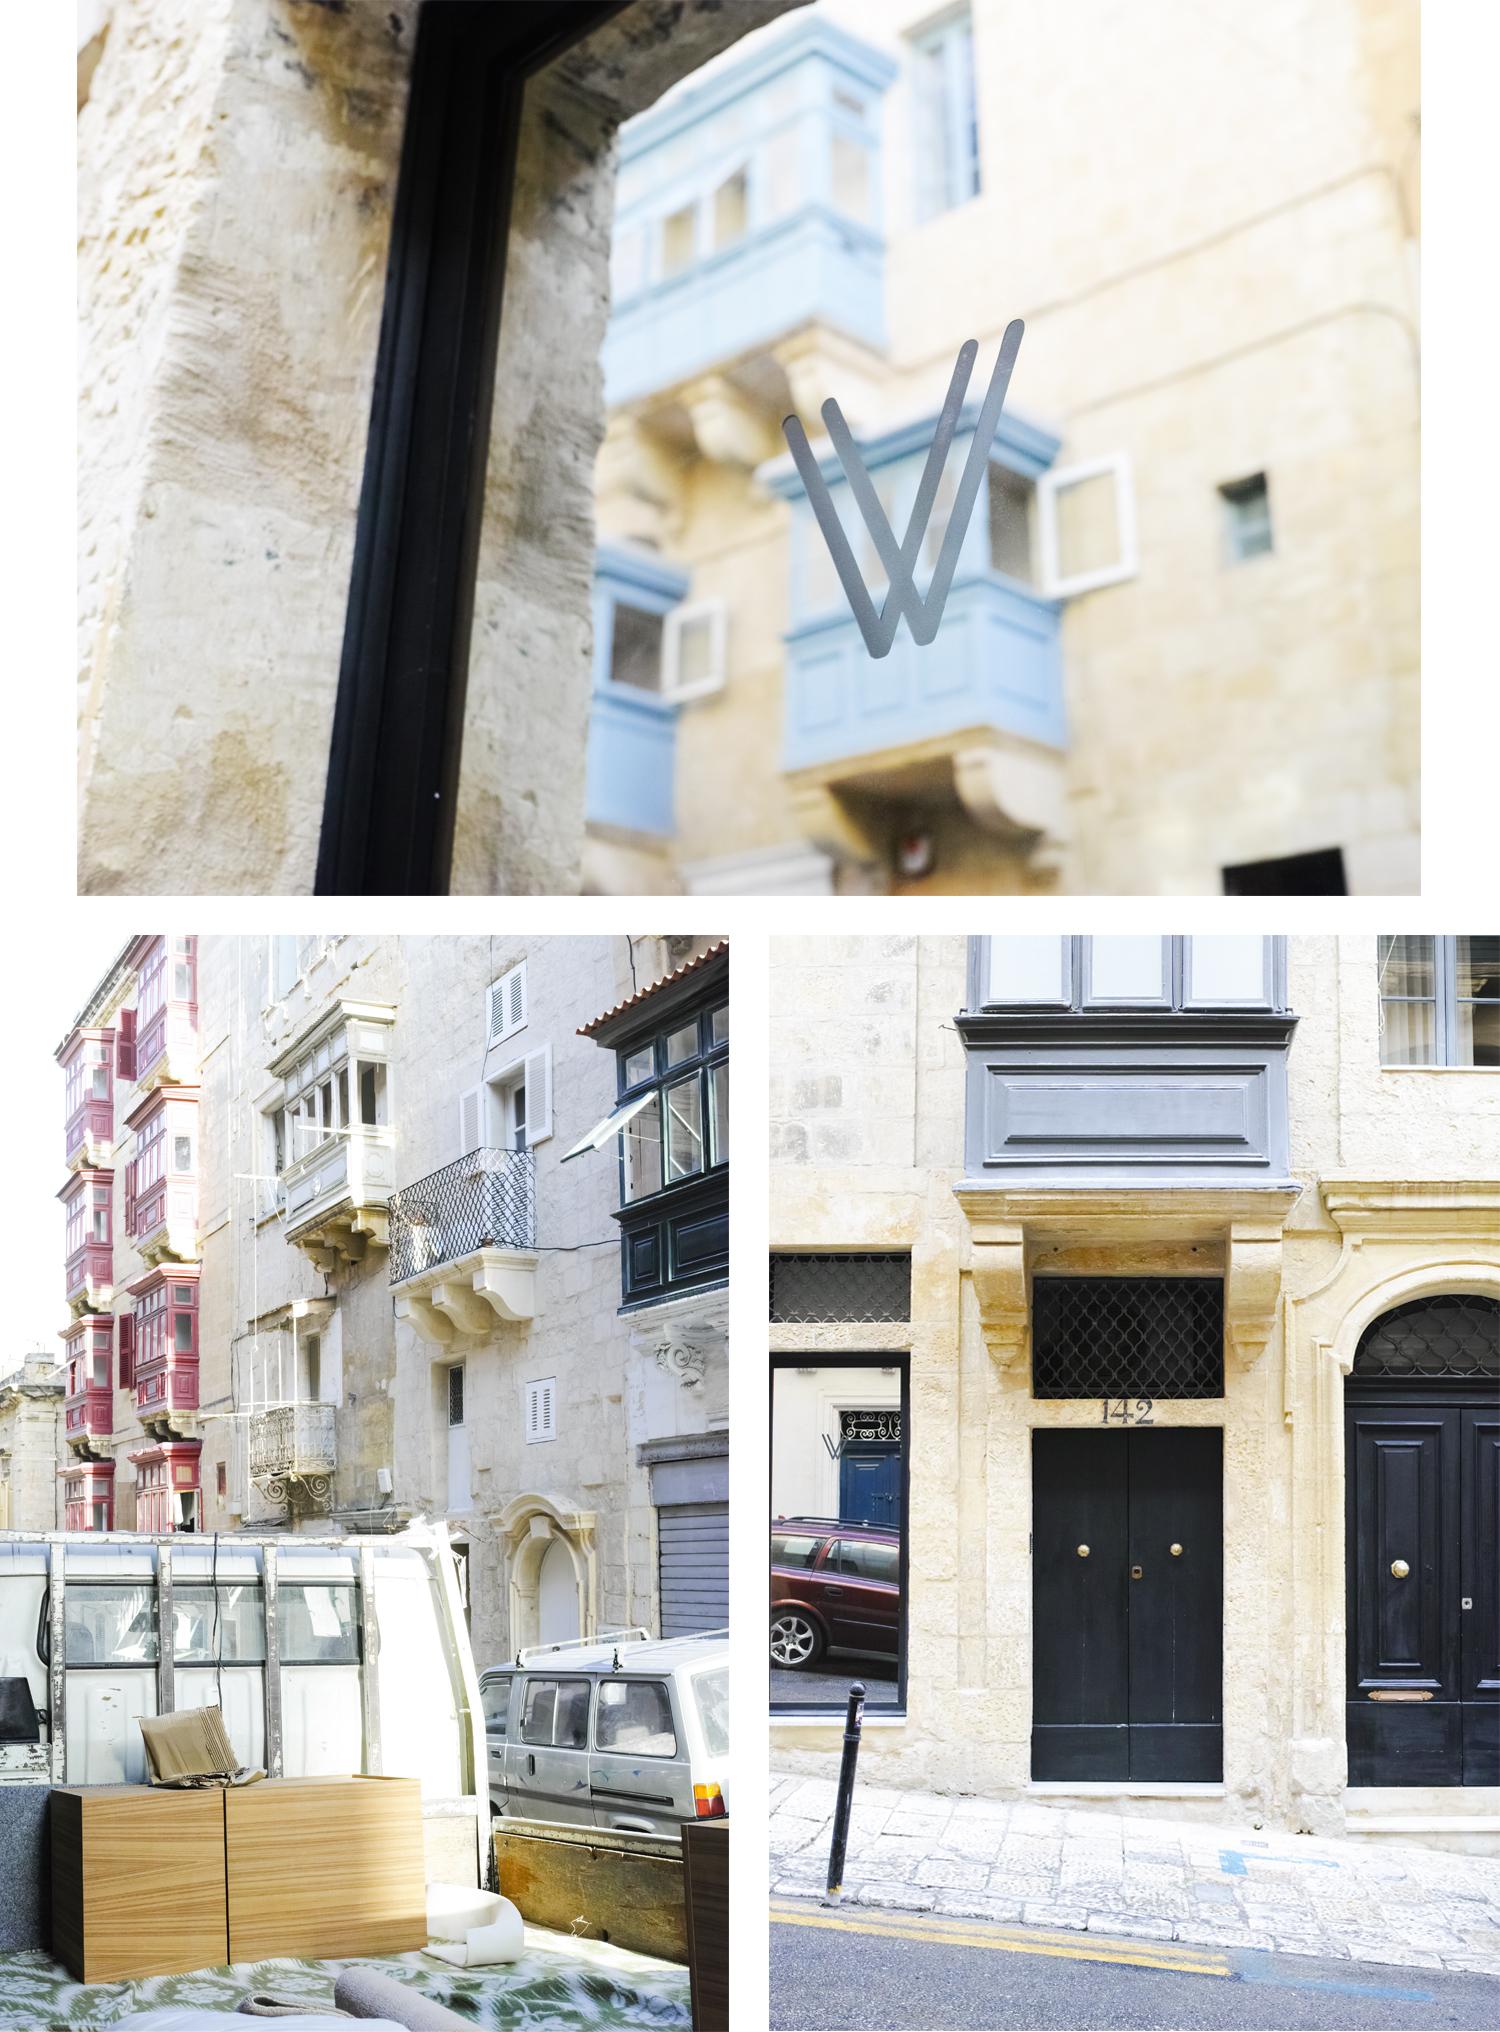 paradisesearch_valletta_vintage_malta_thevoyageur005